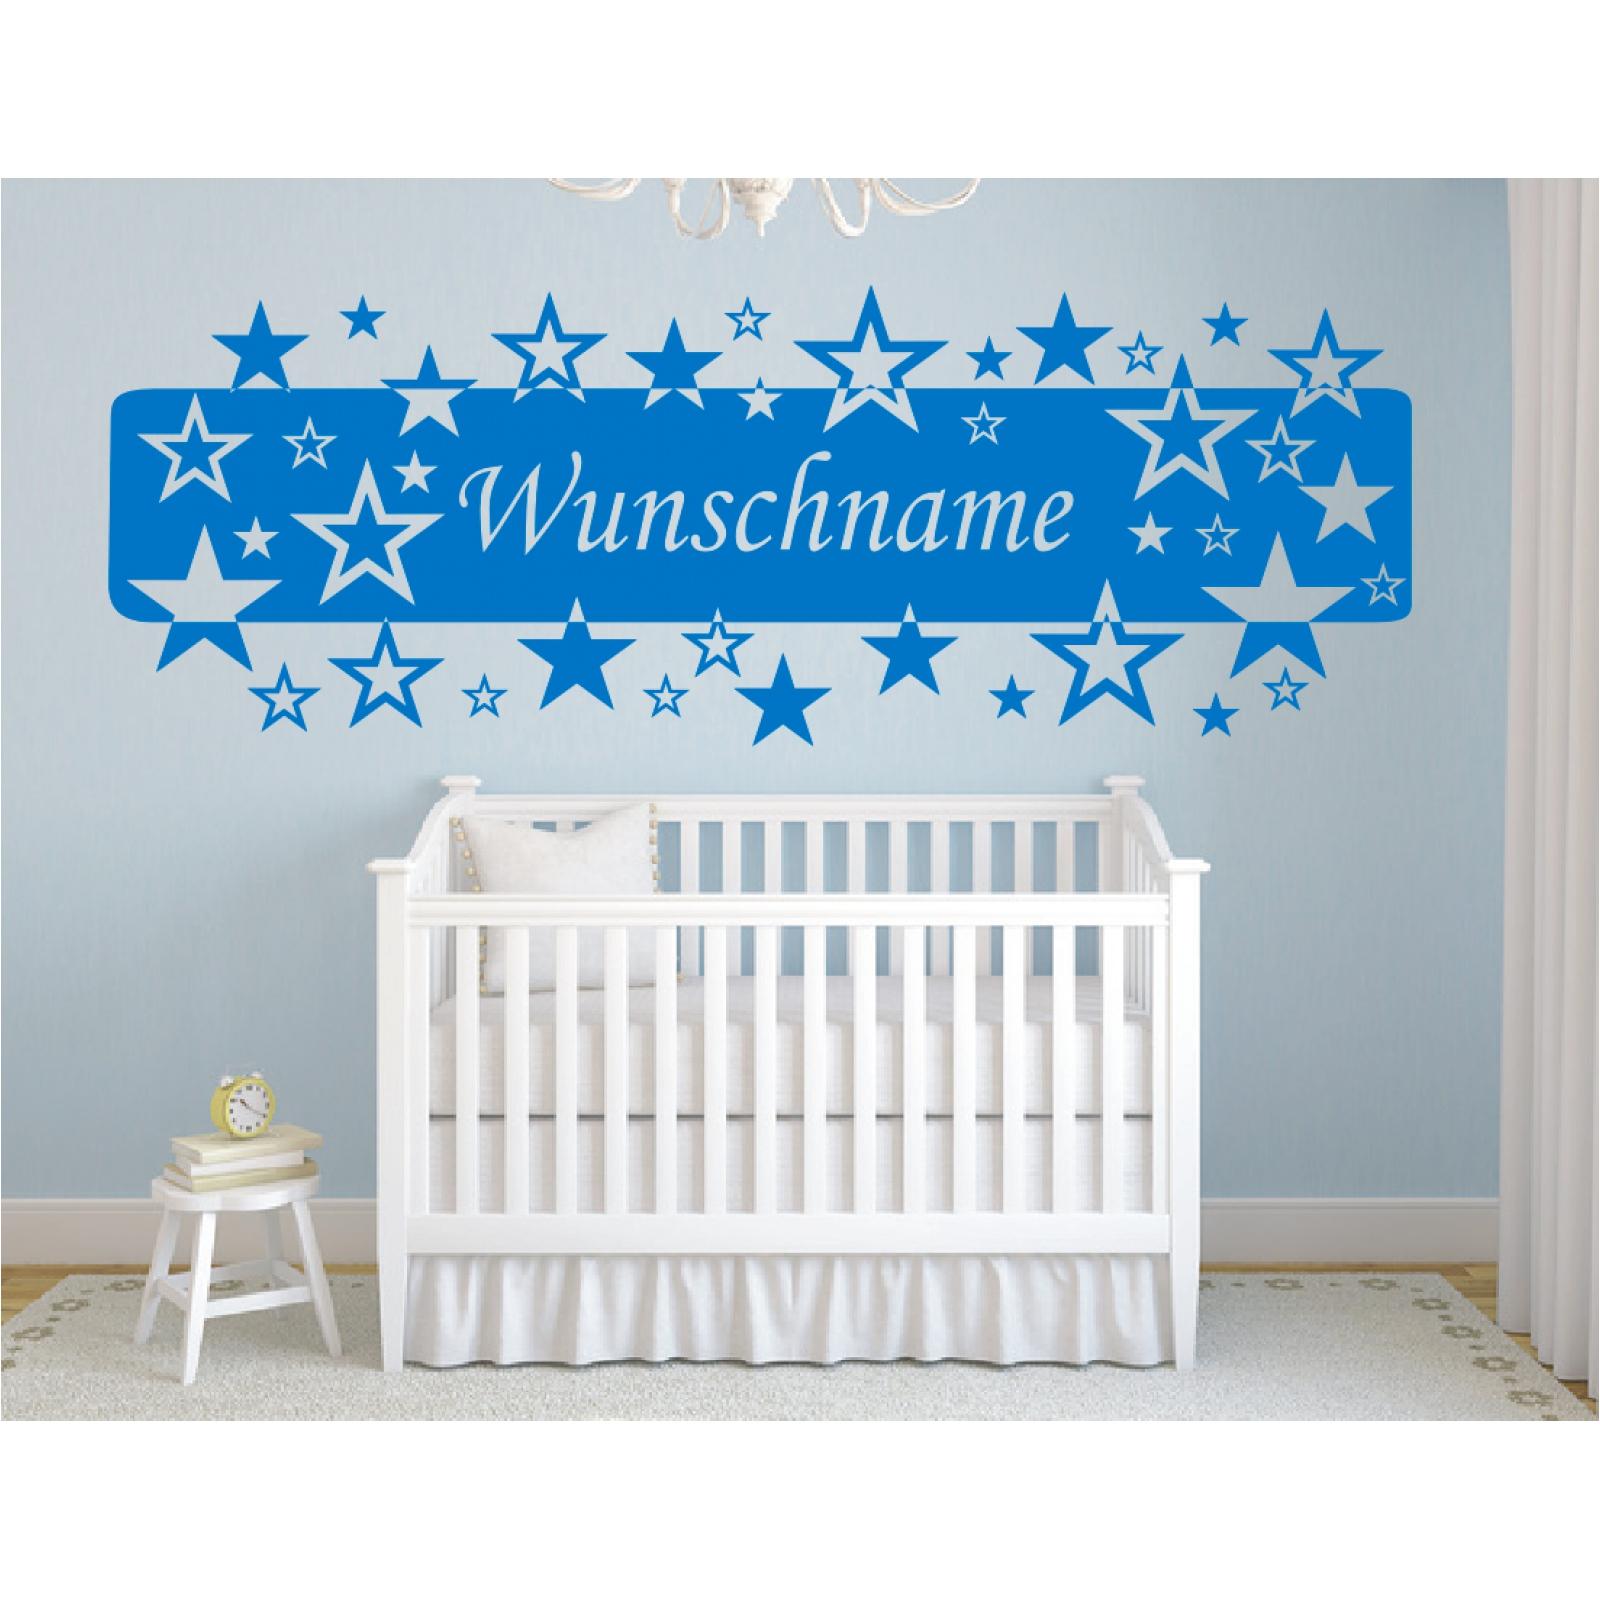 Wandtattoo Banner Name Sterne Kinder Wunschname Wunschtext Wandaufkleber Stick2